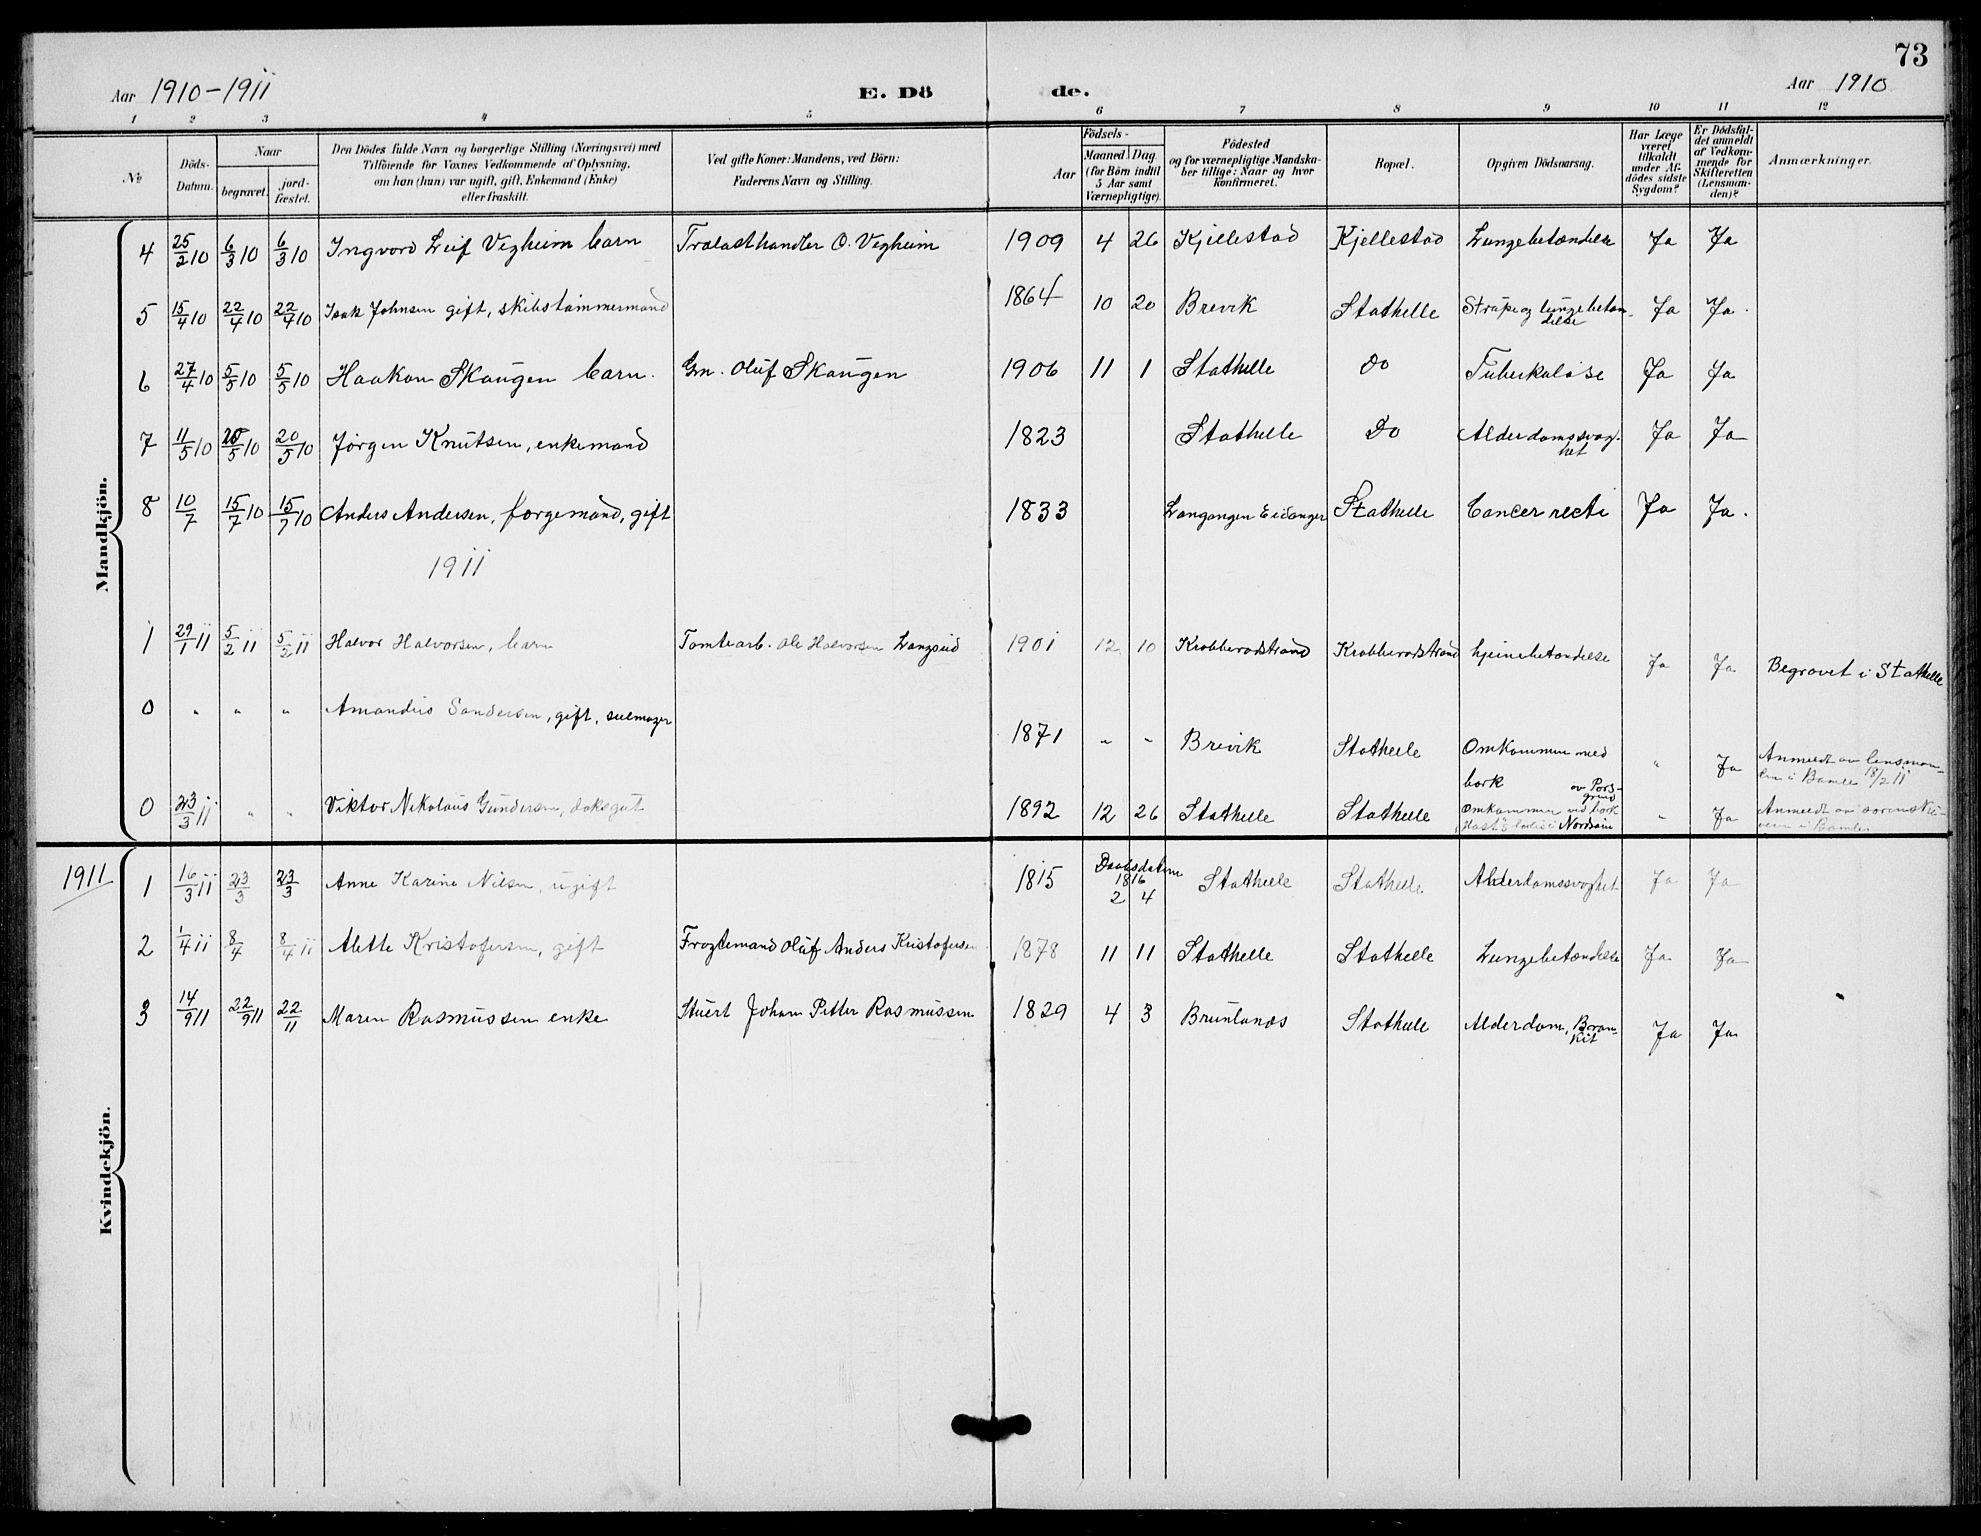 SAKO, Bamble kirkebøker, G/Gb/L0002: Klokkerbok nr. II 2, 1900-1925, s. 73